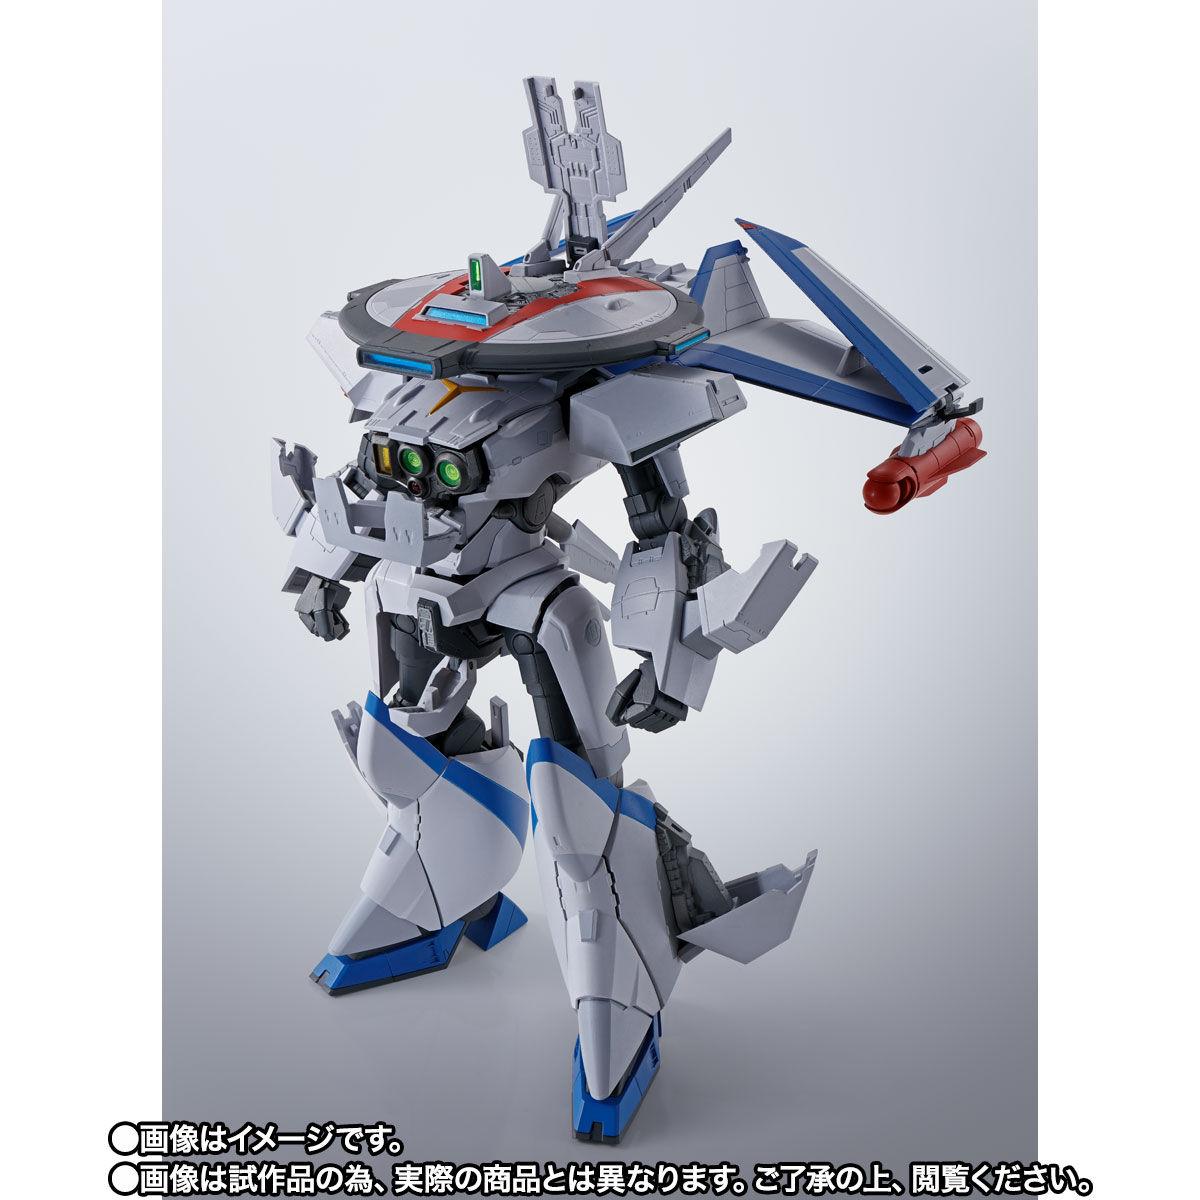 【限定販売】HI-METAL R『ドラグナー3』機甲戦記ドラグナー 可動フィギュア-006